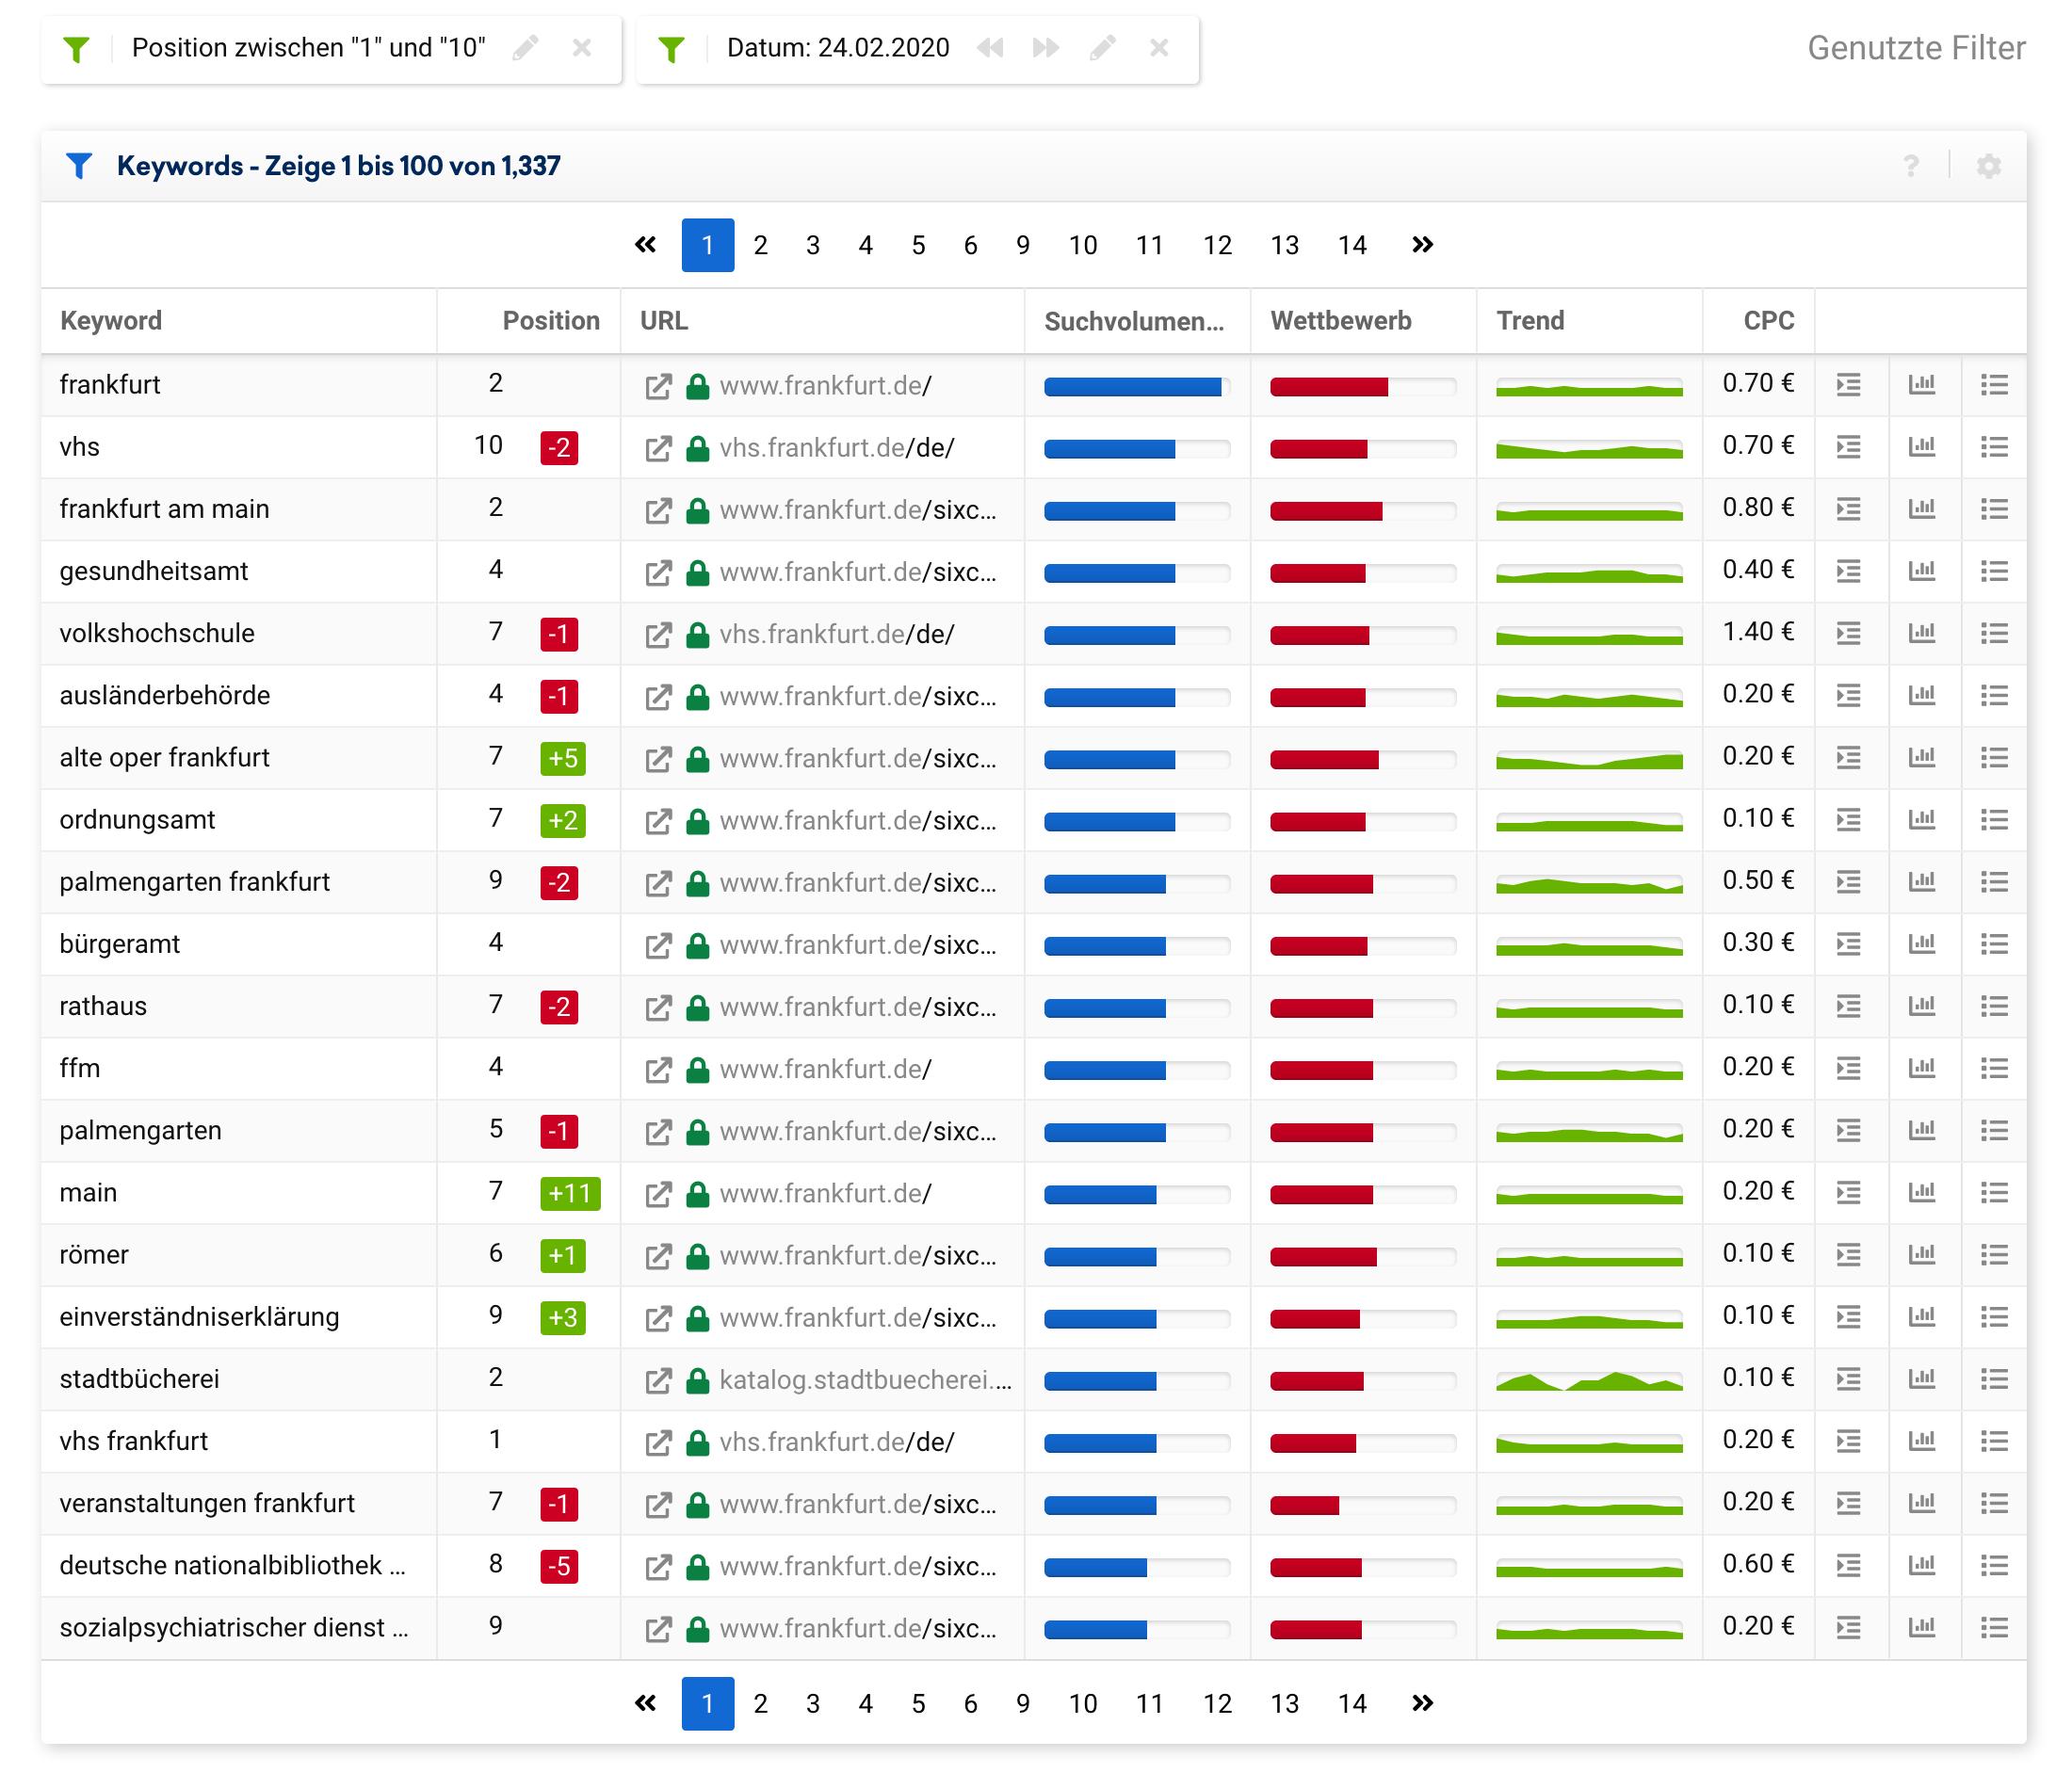 Rankende Mobile Top-10 Keywords für die Domain frankfurt.de für den Datenpunkt 24.02.2020. Es werden insgesamt 1337 Top-10 Rankings angezeigt.